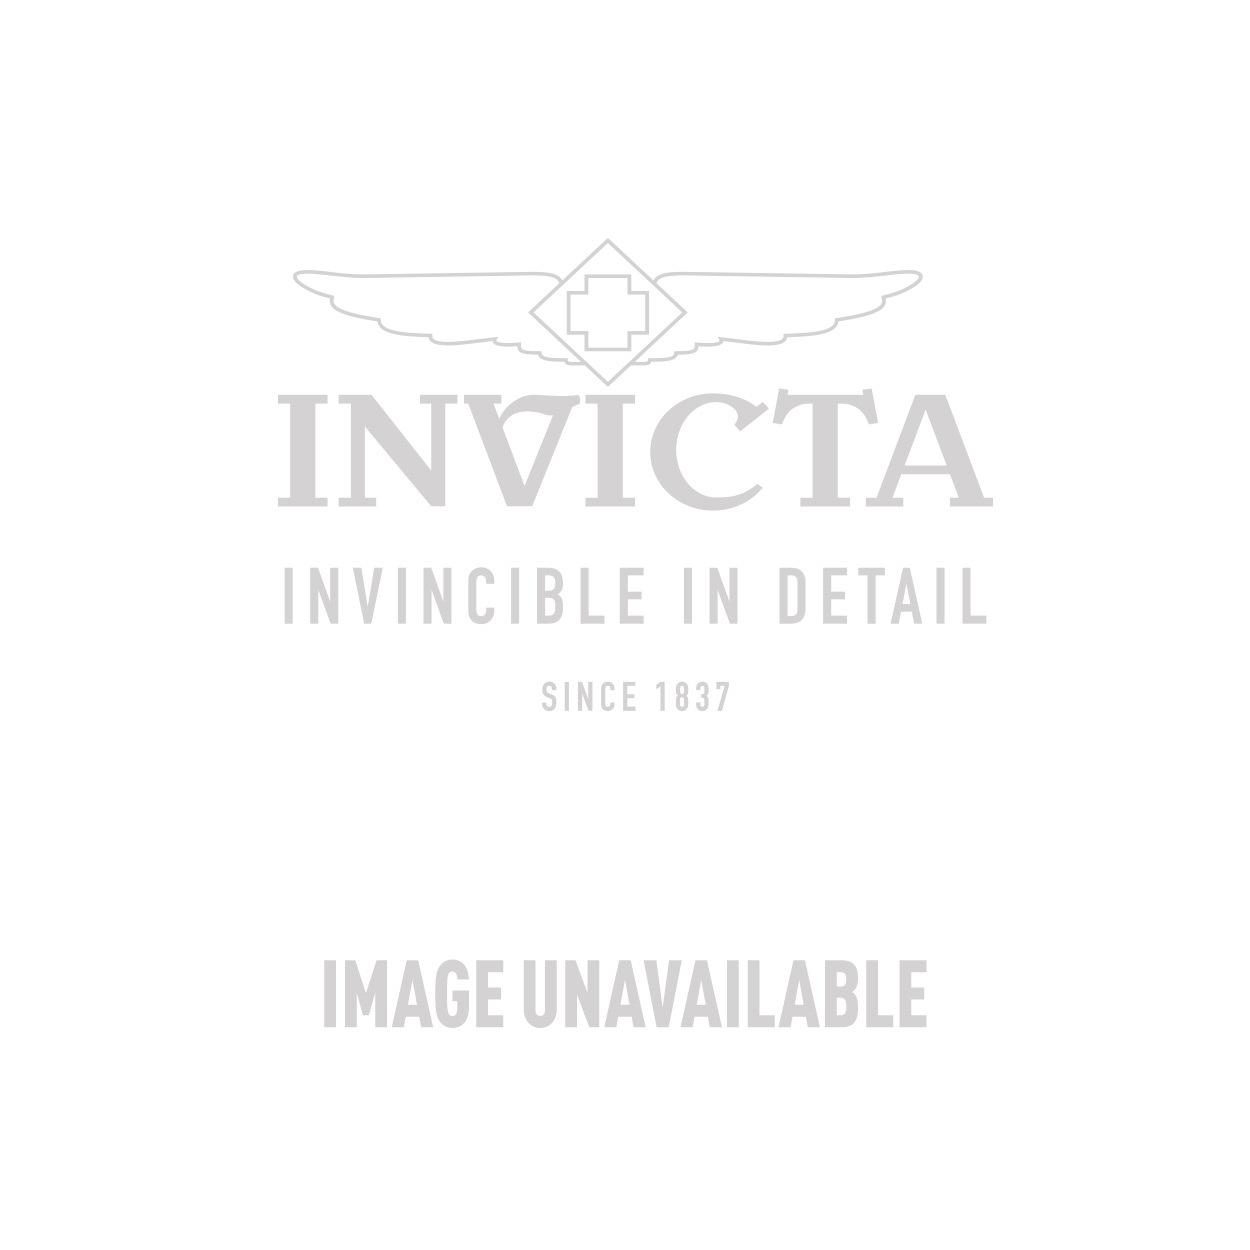 Invicta Model 28647